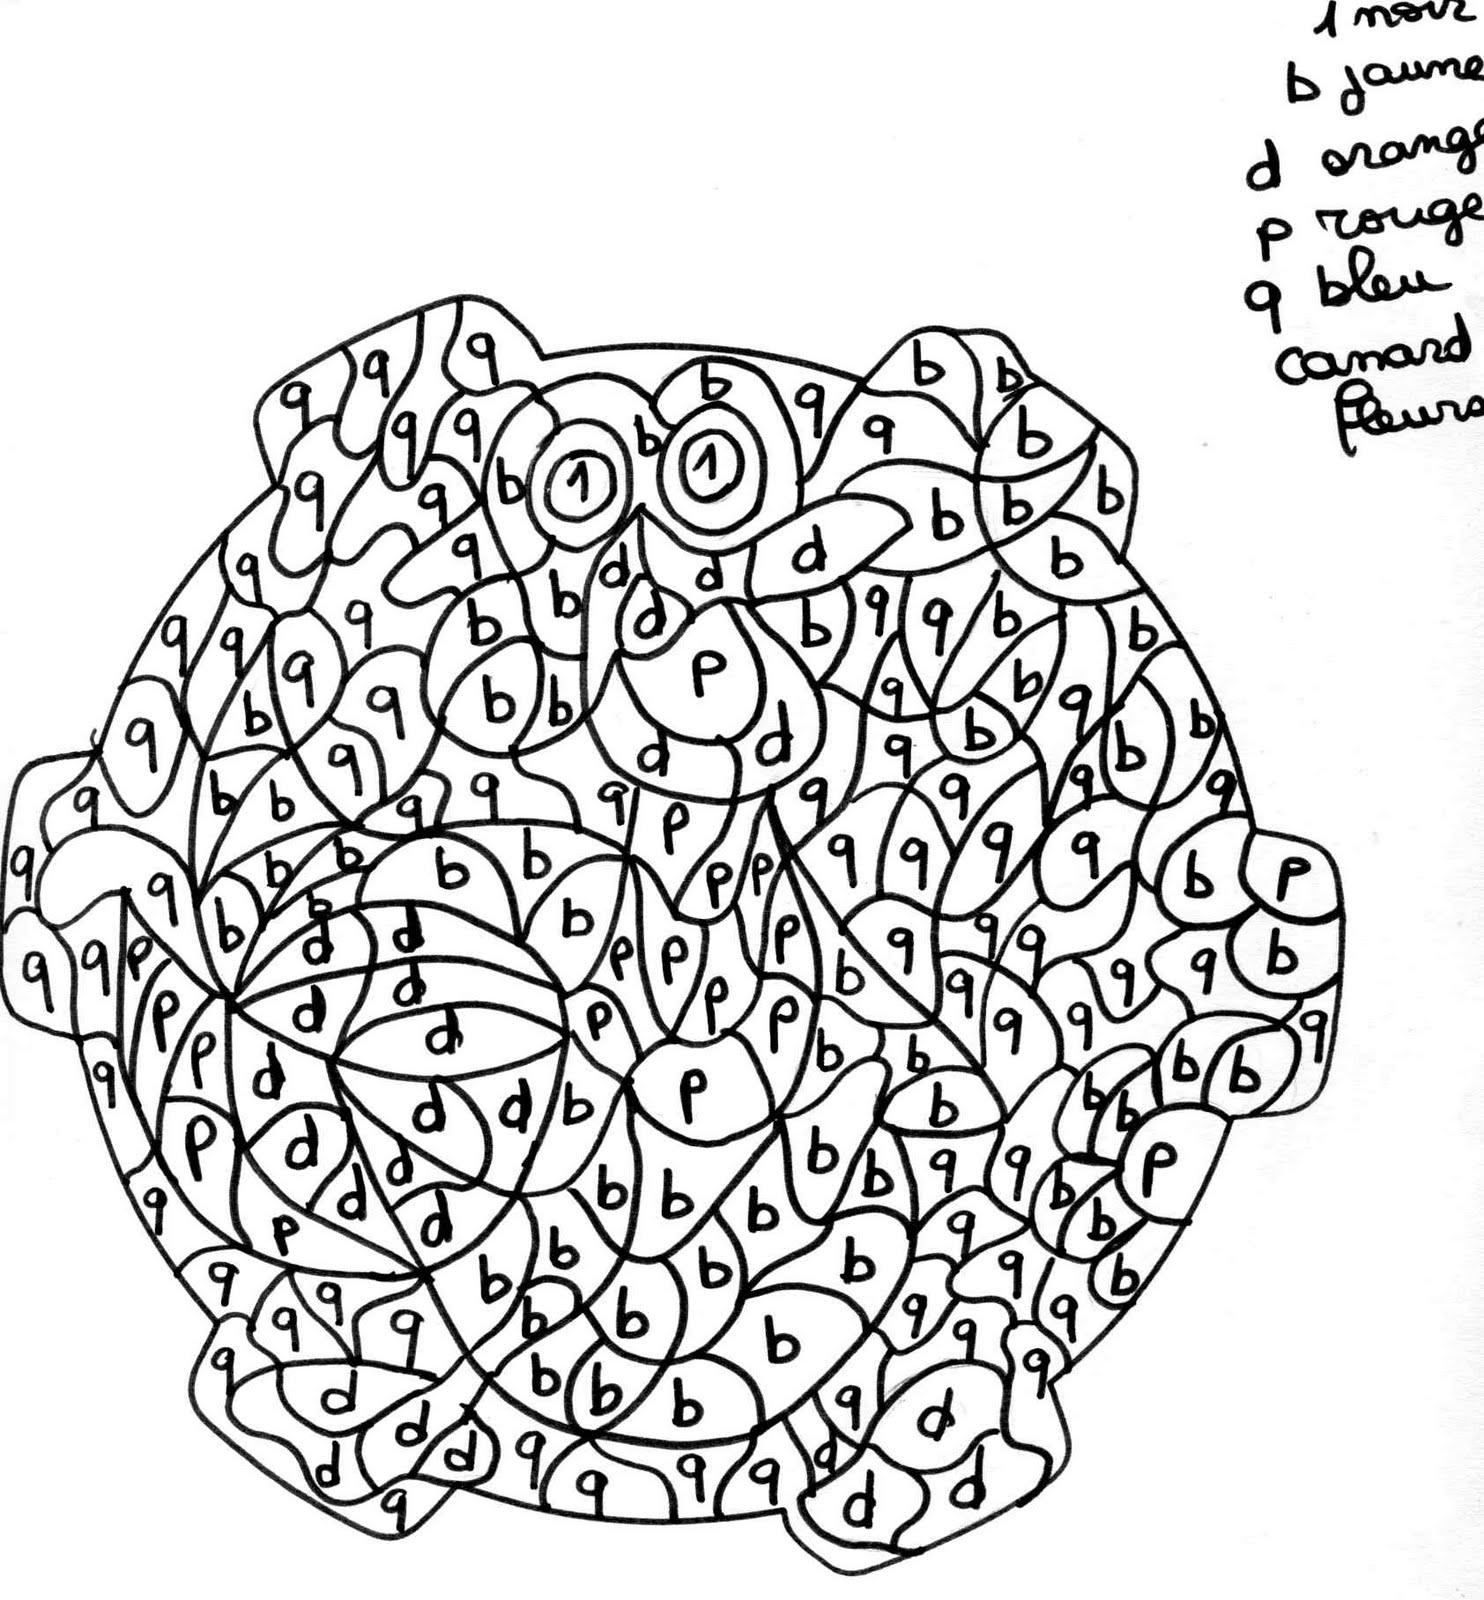 CODÉ MATERNELLE : Coloriage Codé Maternelle en Ligne  - coloriage magique maternelle